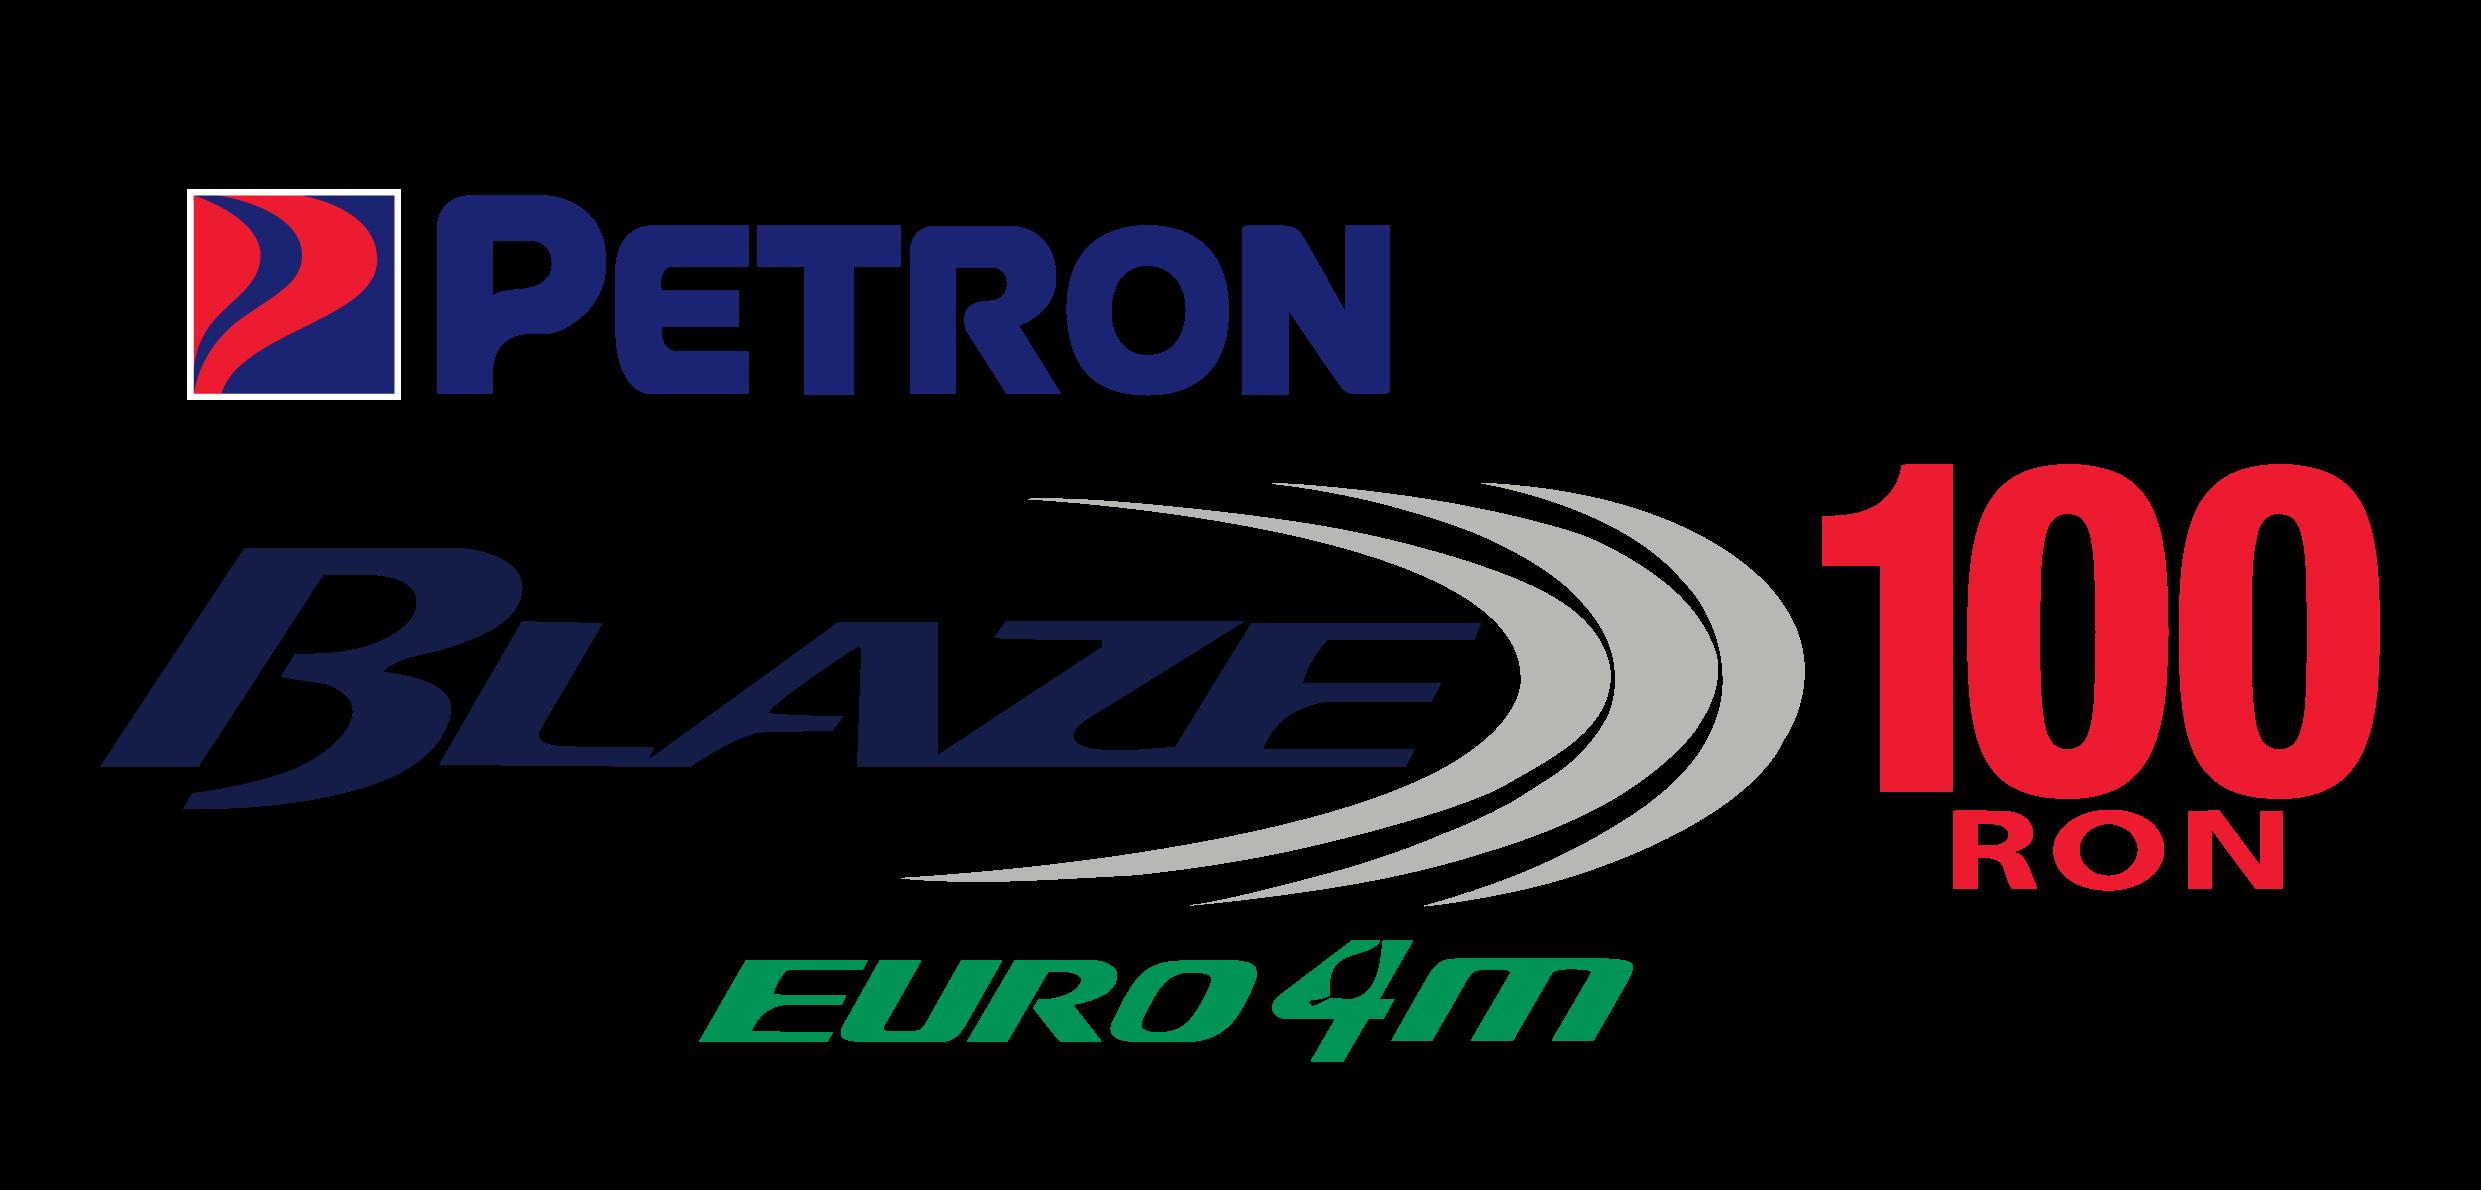 Petron Blaze 100 Euro 4M